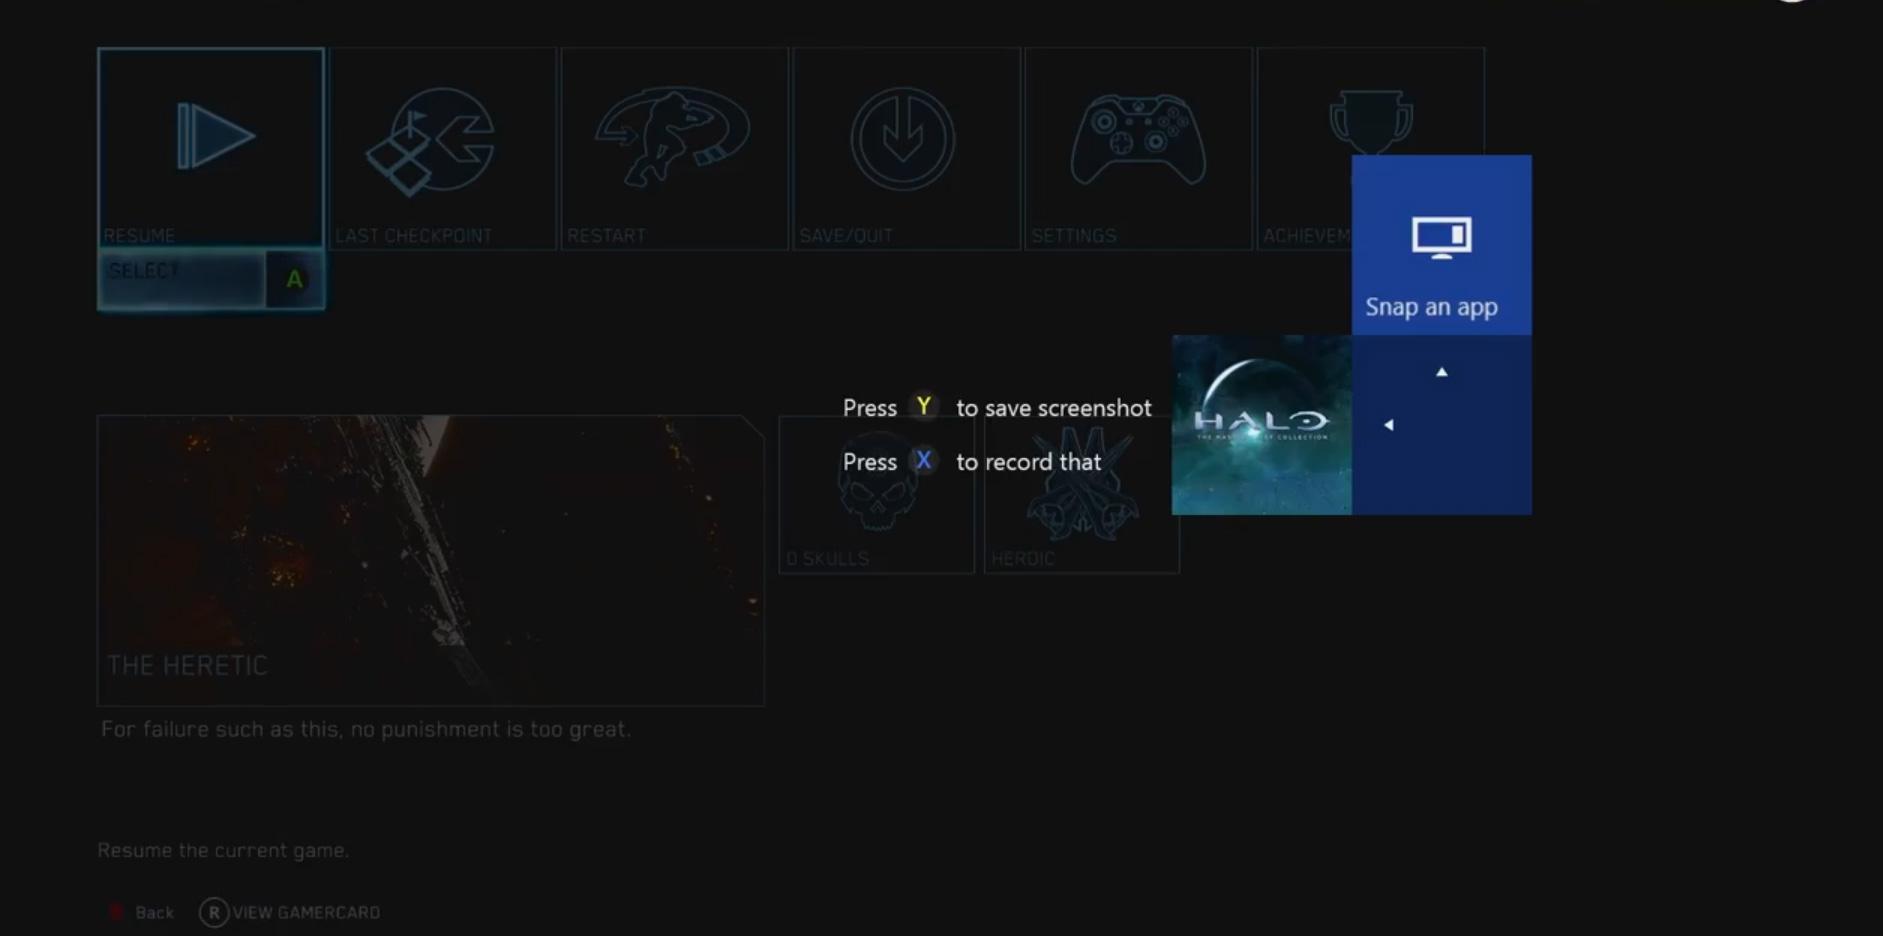 Xbox One Screenshot a Screenshot on Xbox One